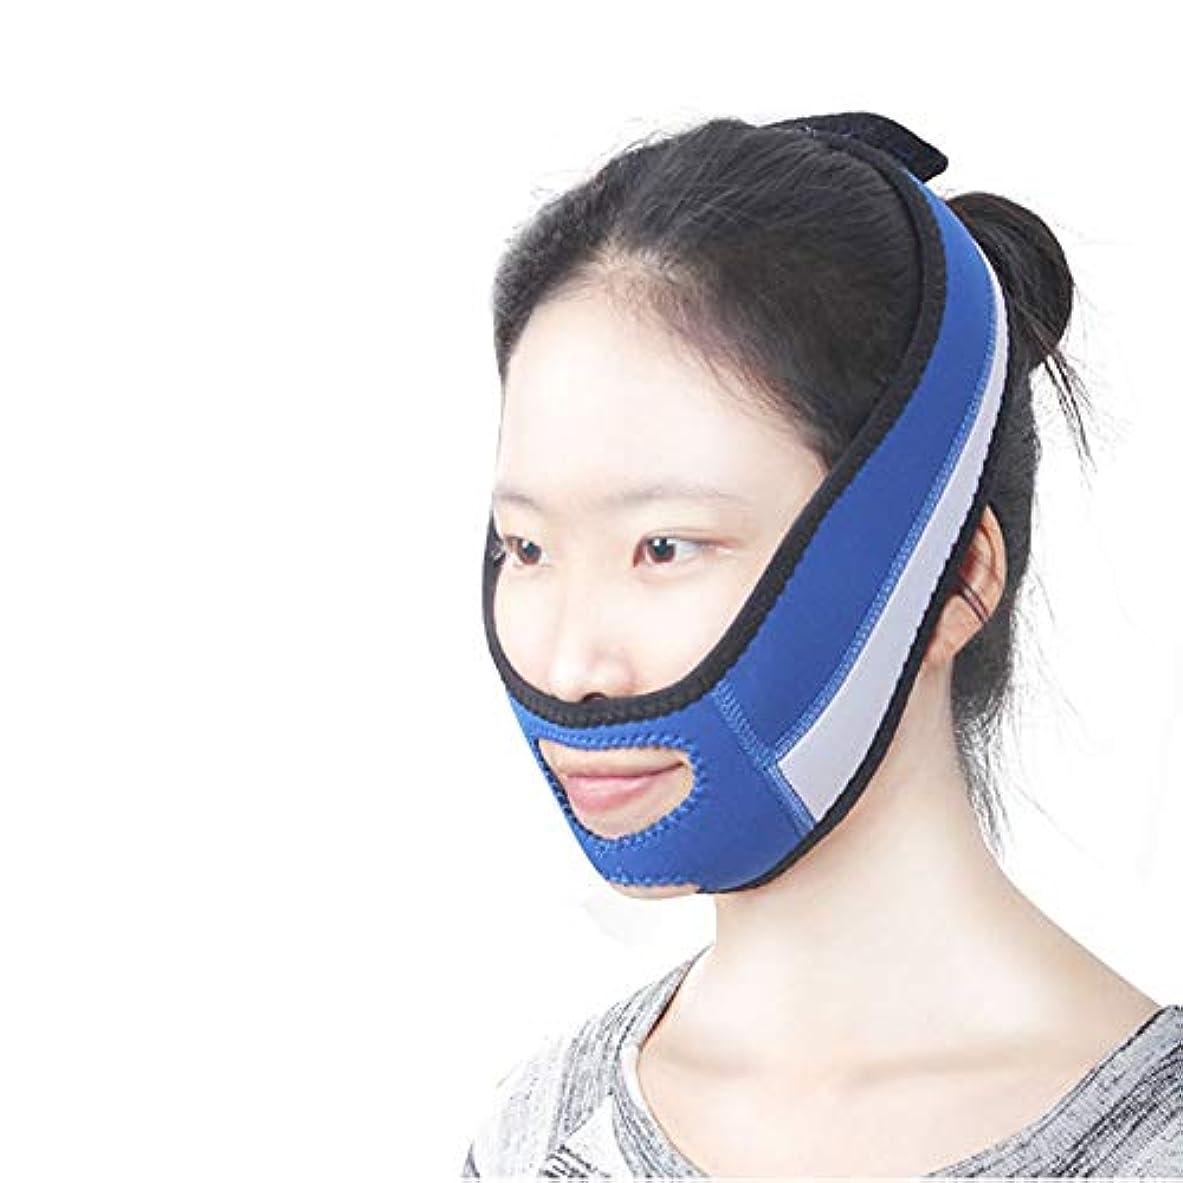 シャッフルアルバニー行くWSJTT V字型スリミングフェイスストラップをマスクネックリフトテープフェイススリムパッチフェイススリミングベルトチークマスクリフトV顔ラインスリムを持ち上げるダブルチンリデューサーVラインマスク